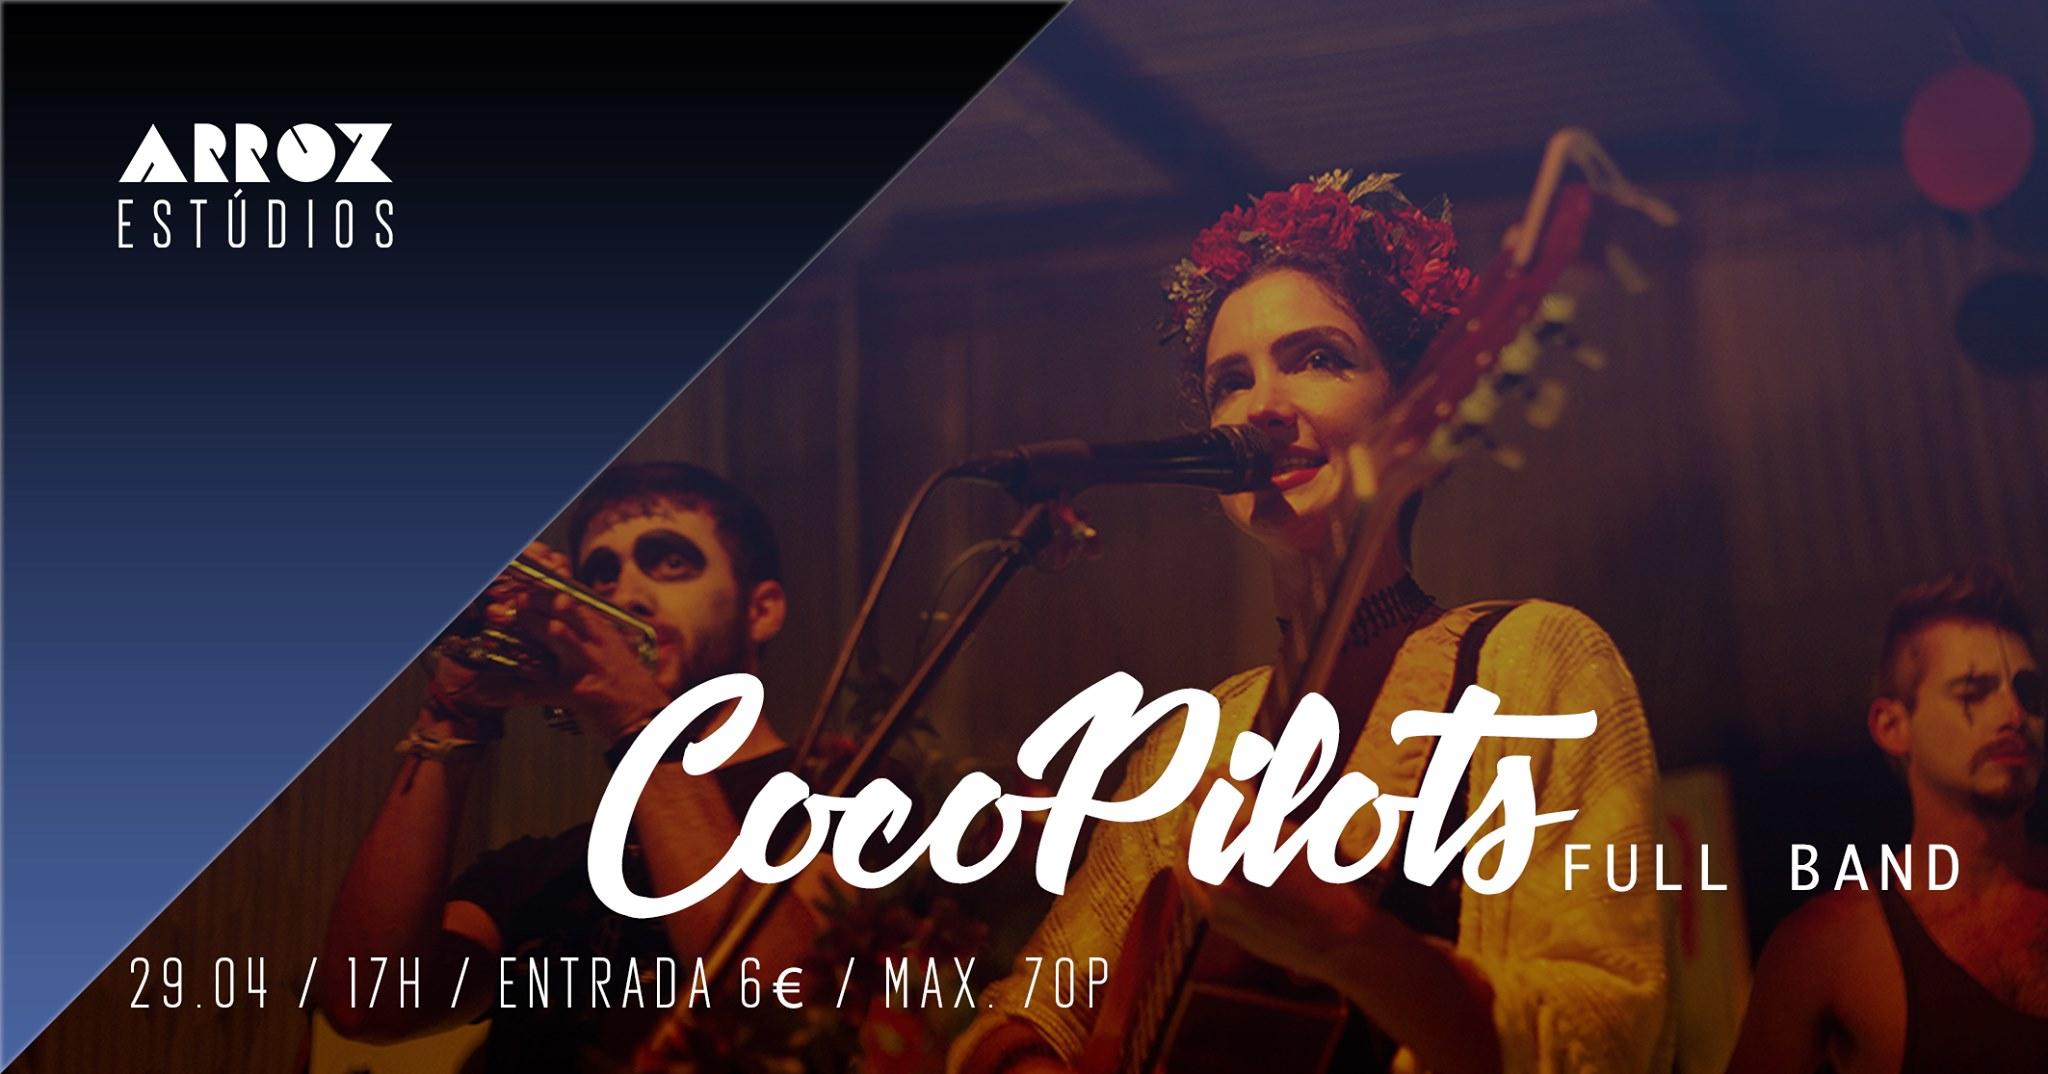 CocoPilots in Arroz Estúdios